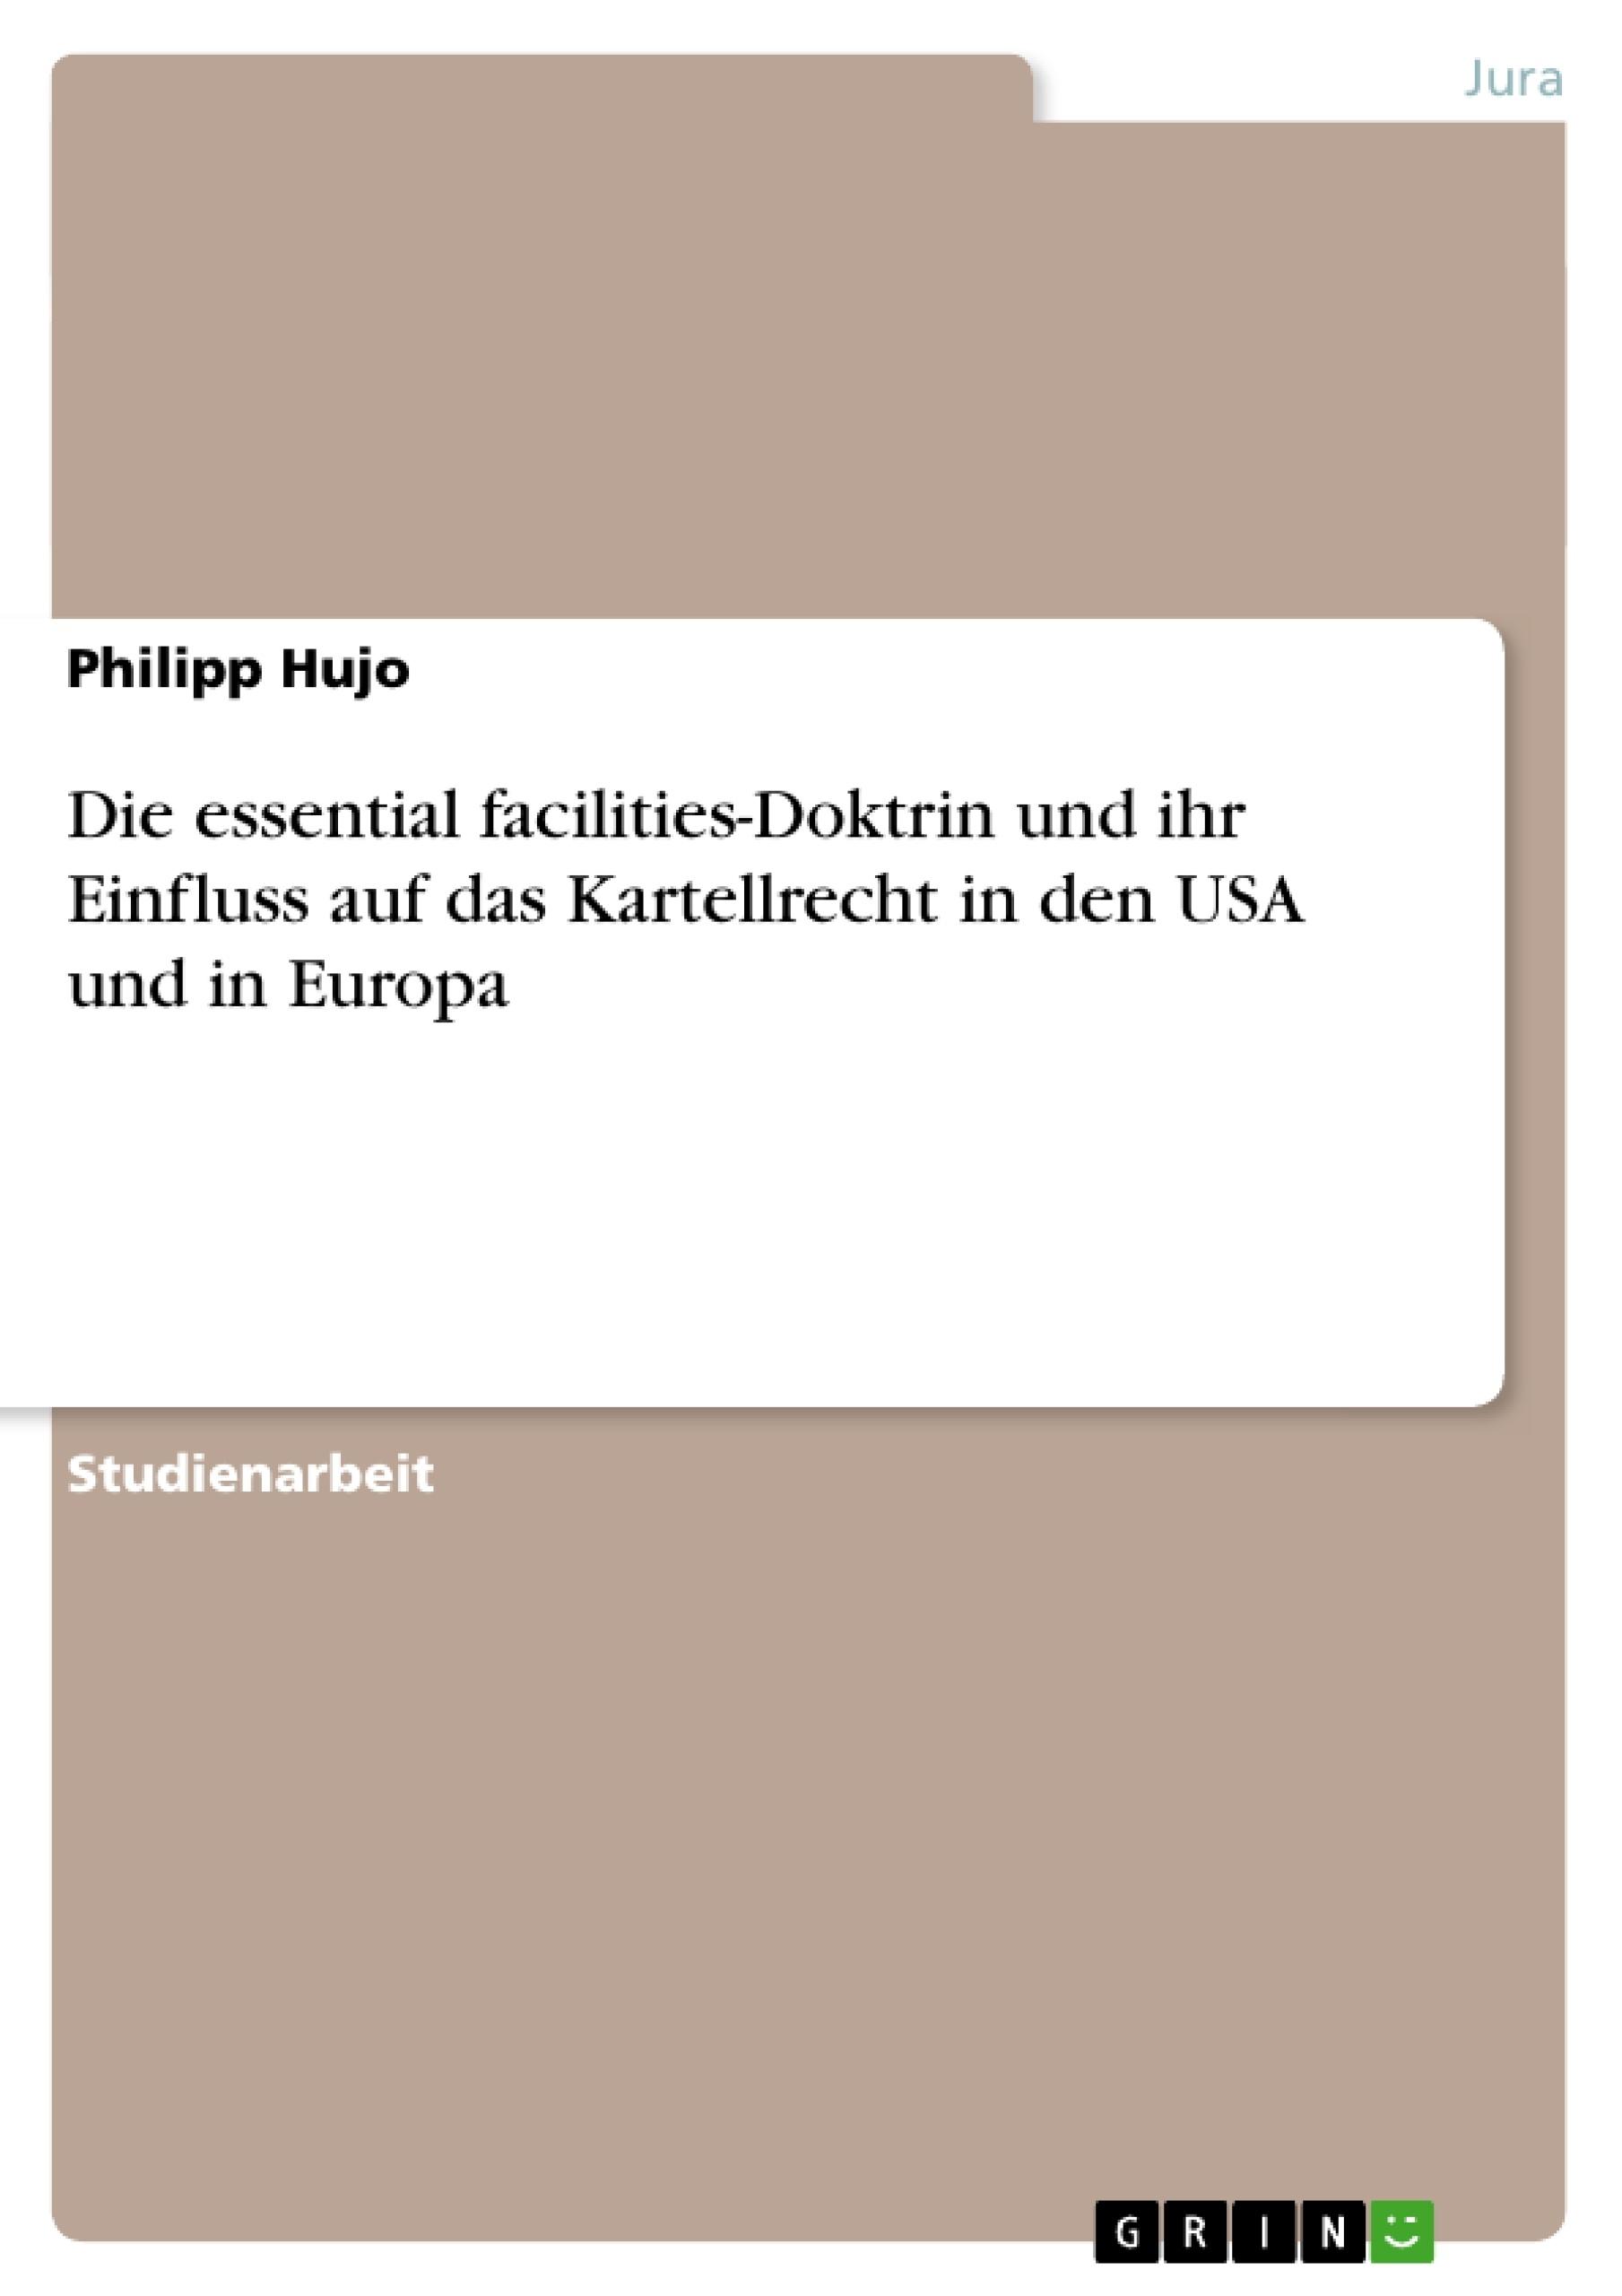 Titel: Die essential facilities-Doktrin und ihr Einfluss auf das Kartellrecht in den USA und in Europa